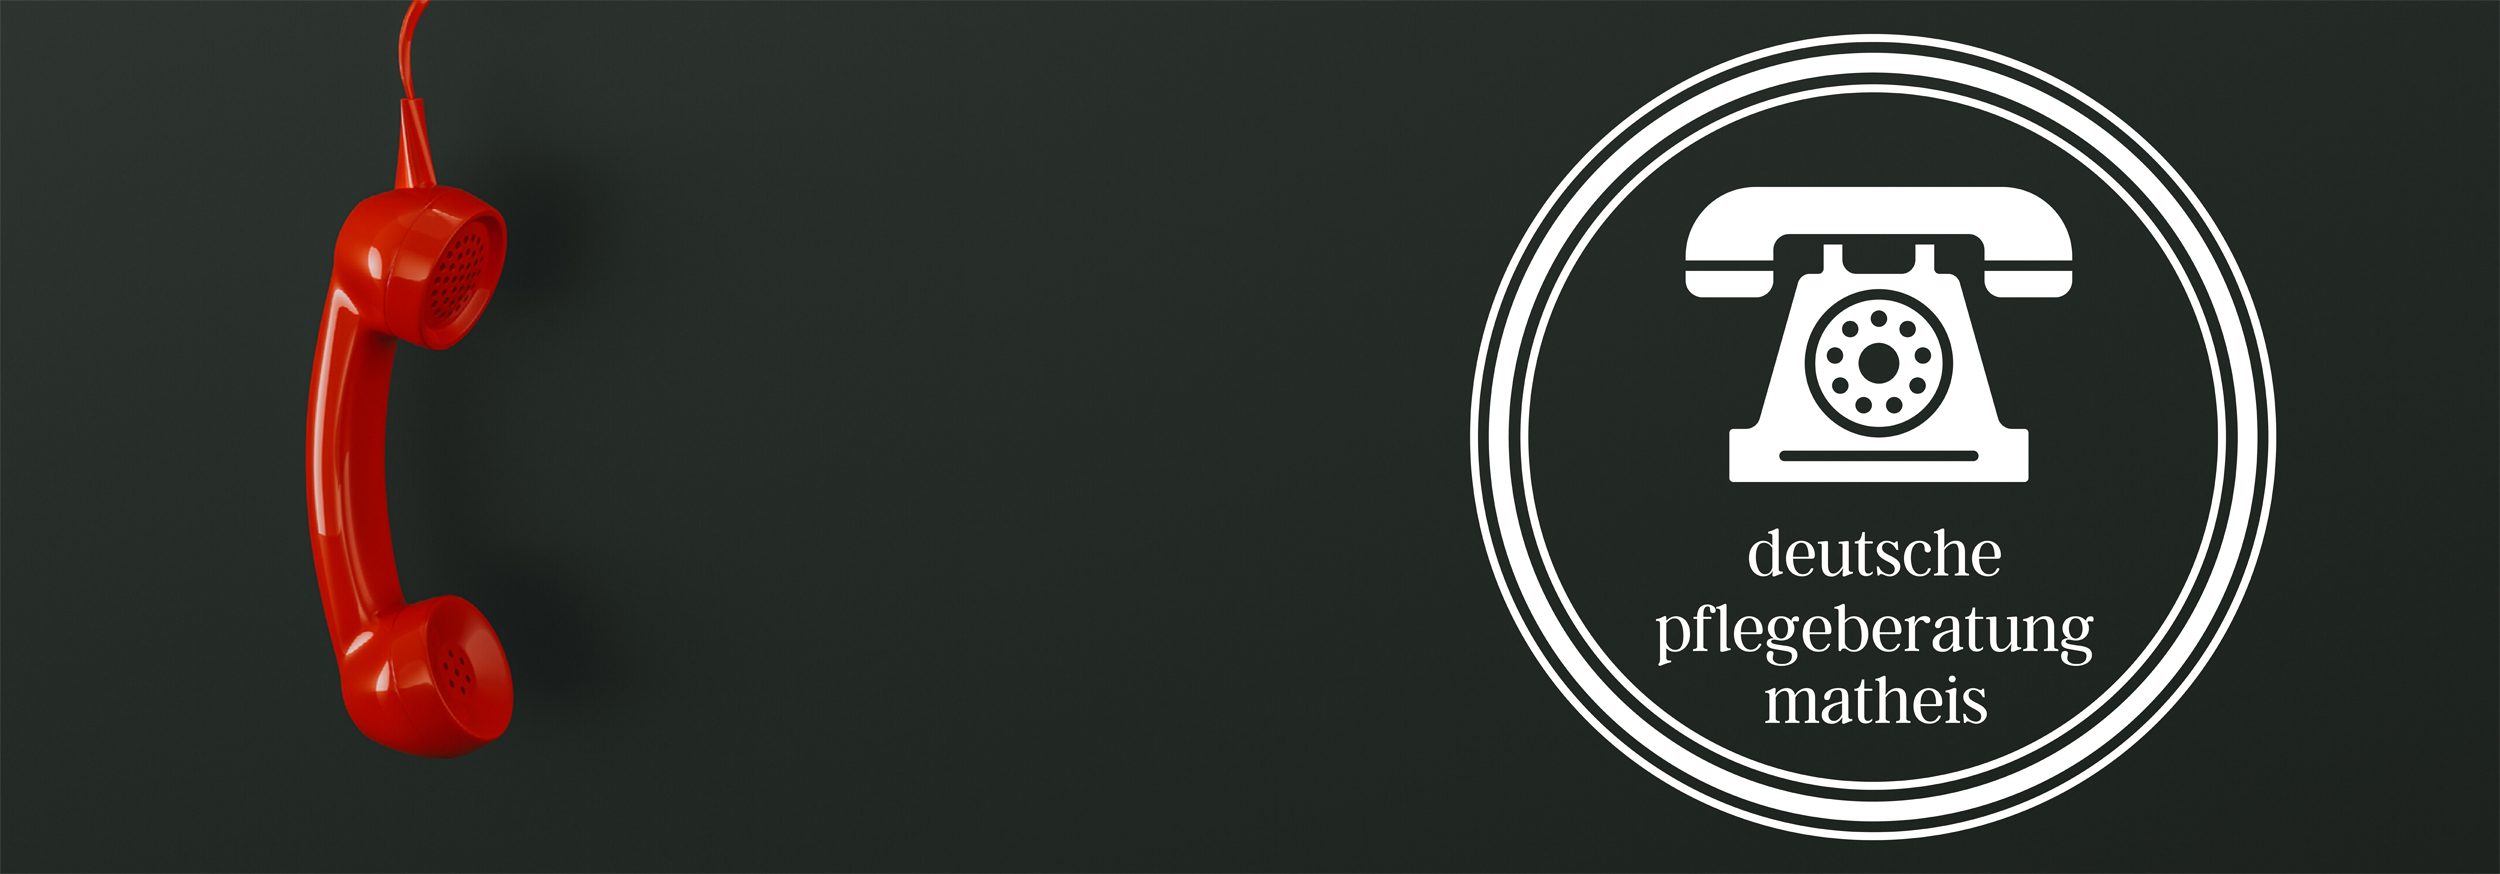 Deutsche Pflegeberatung matheis Header Logo